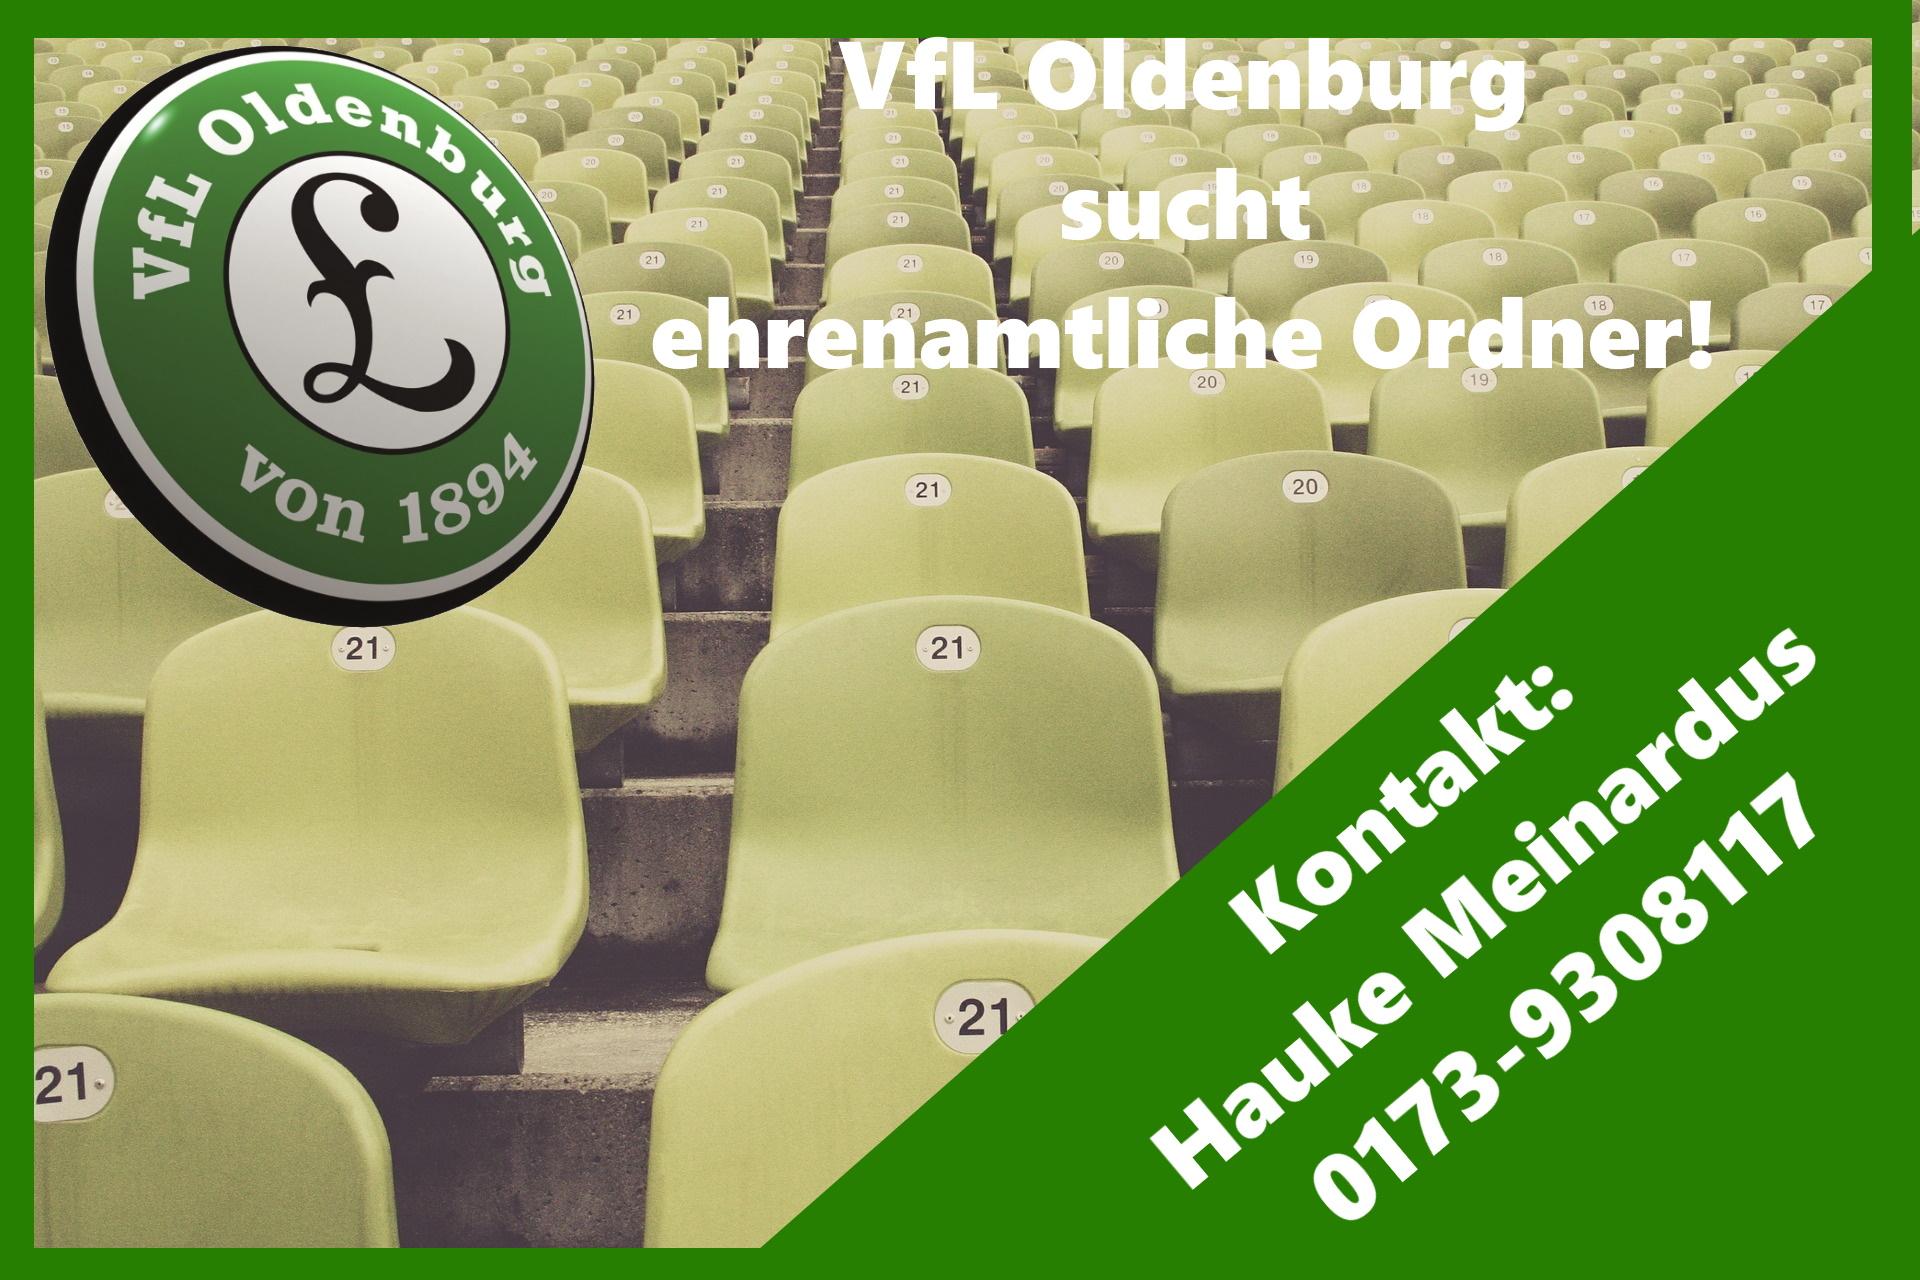 VfL Oldenburg sucht ehrenamtliche Ordner